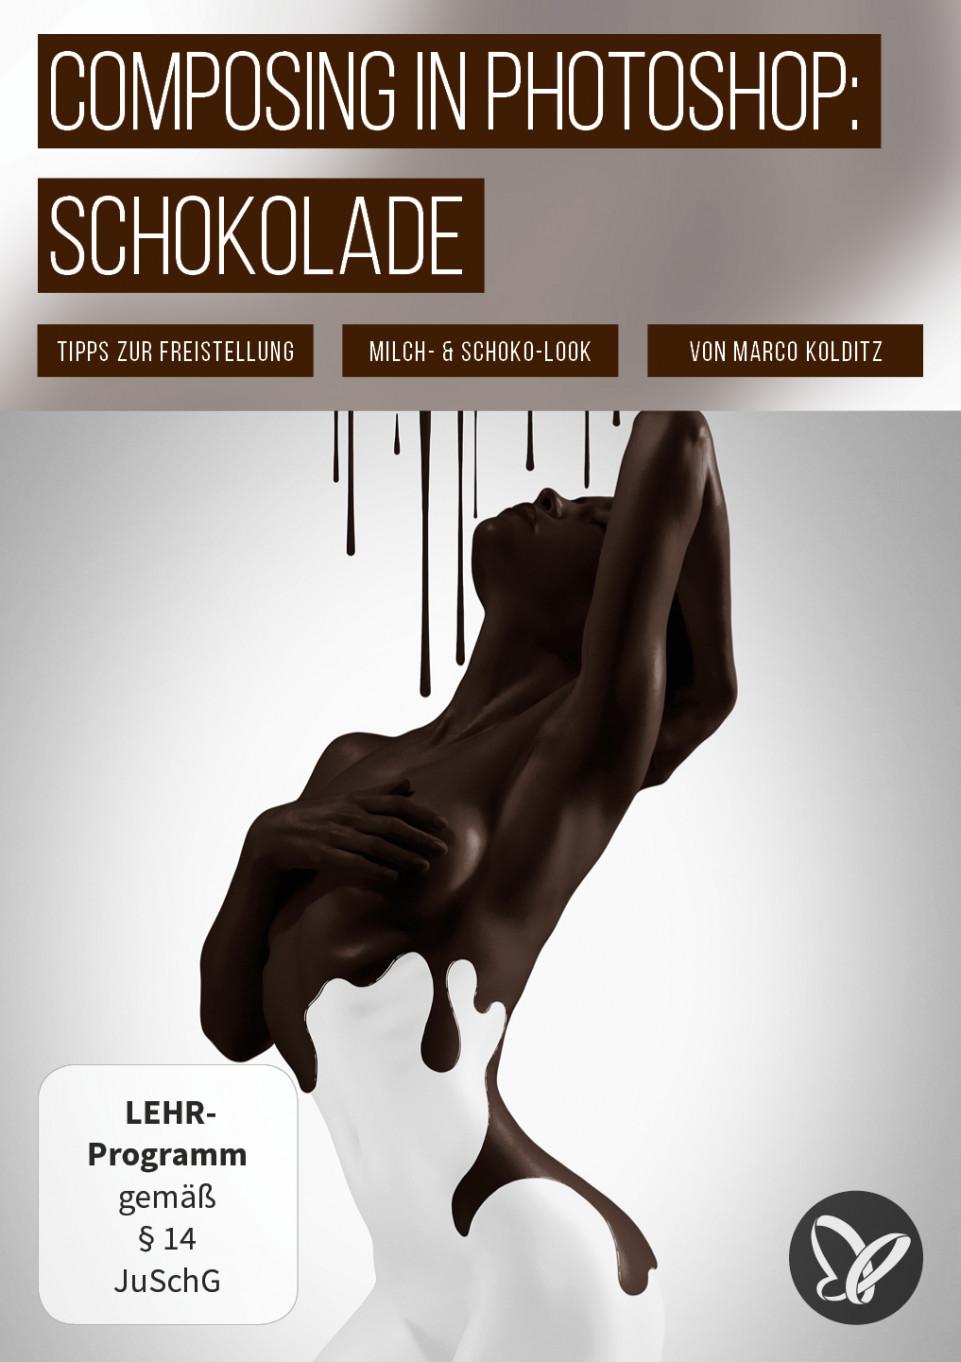 """Kreative Fotomontage in Photoshop erstellen: Composing """"Schokolade"""""""